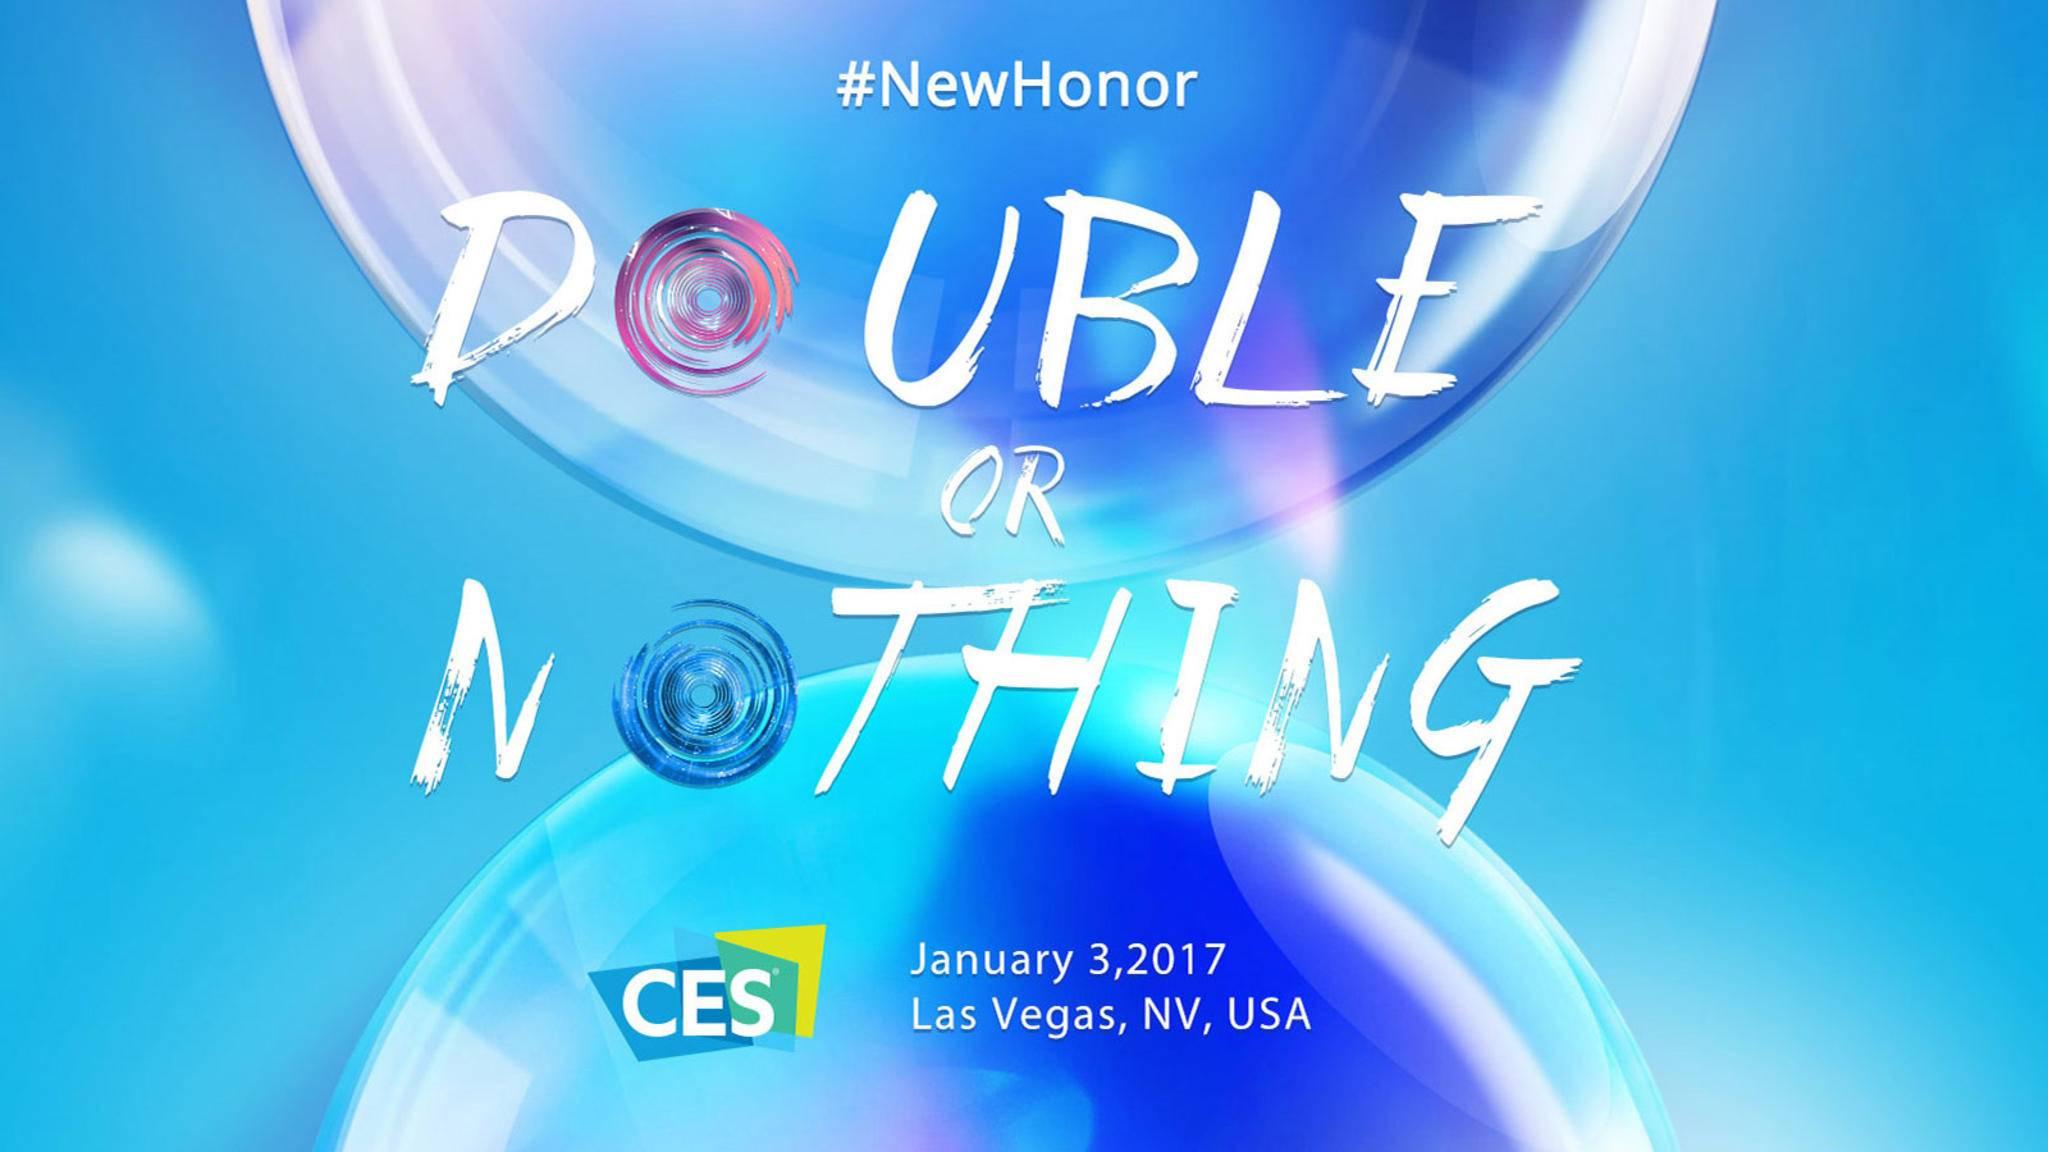 Double or nothing: Die Dual-Kamera fürs neue Honor scheint gesetzt.